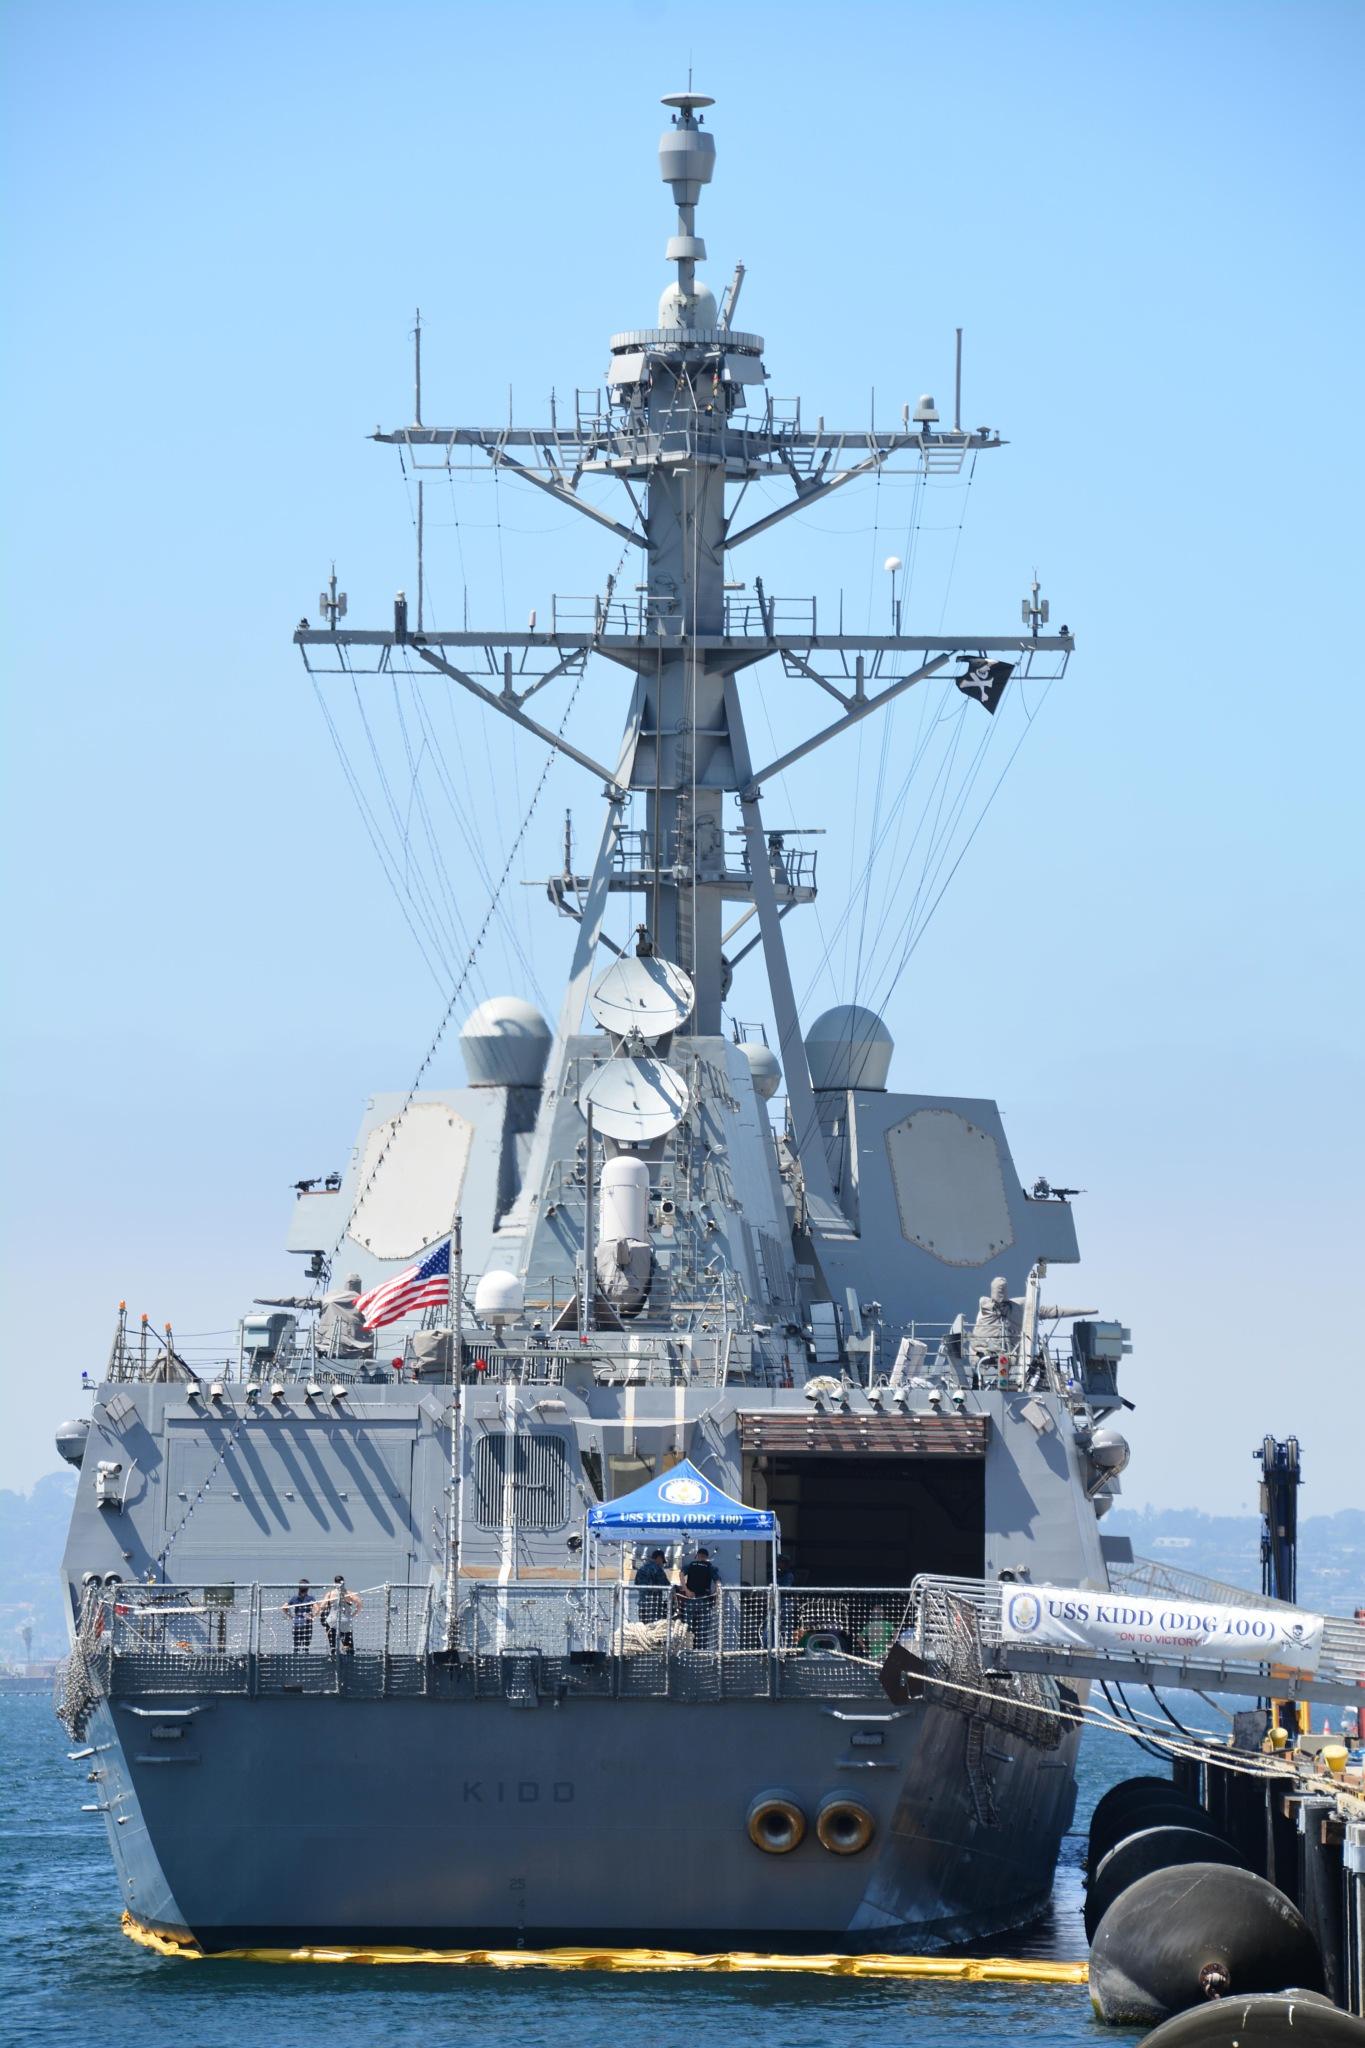 USS Kidd San Diego Fleet Week by Jeremy M Hutchison